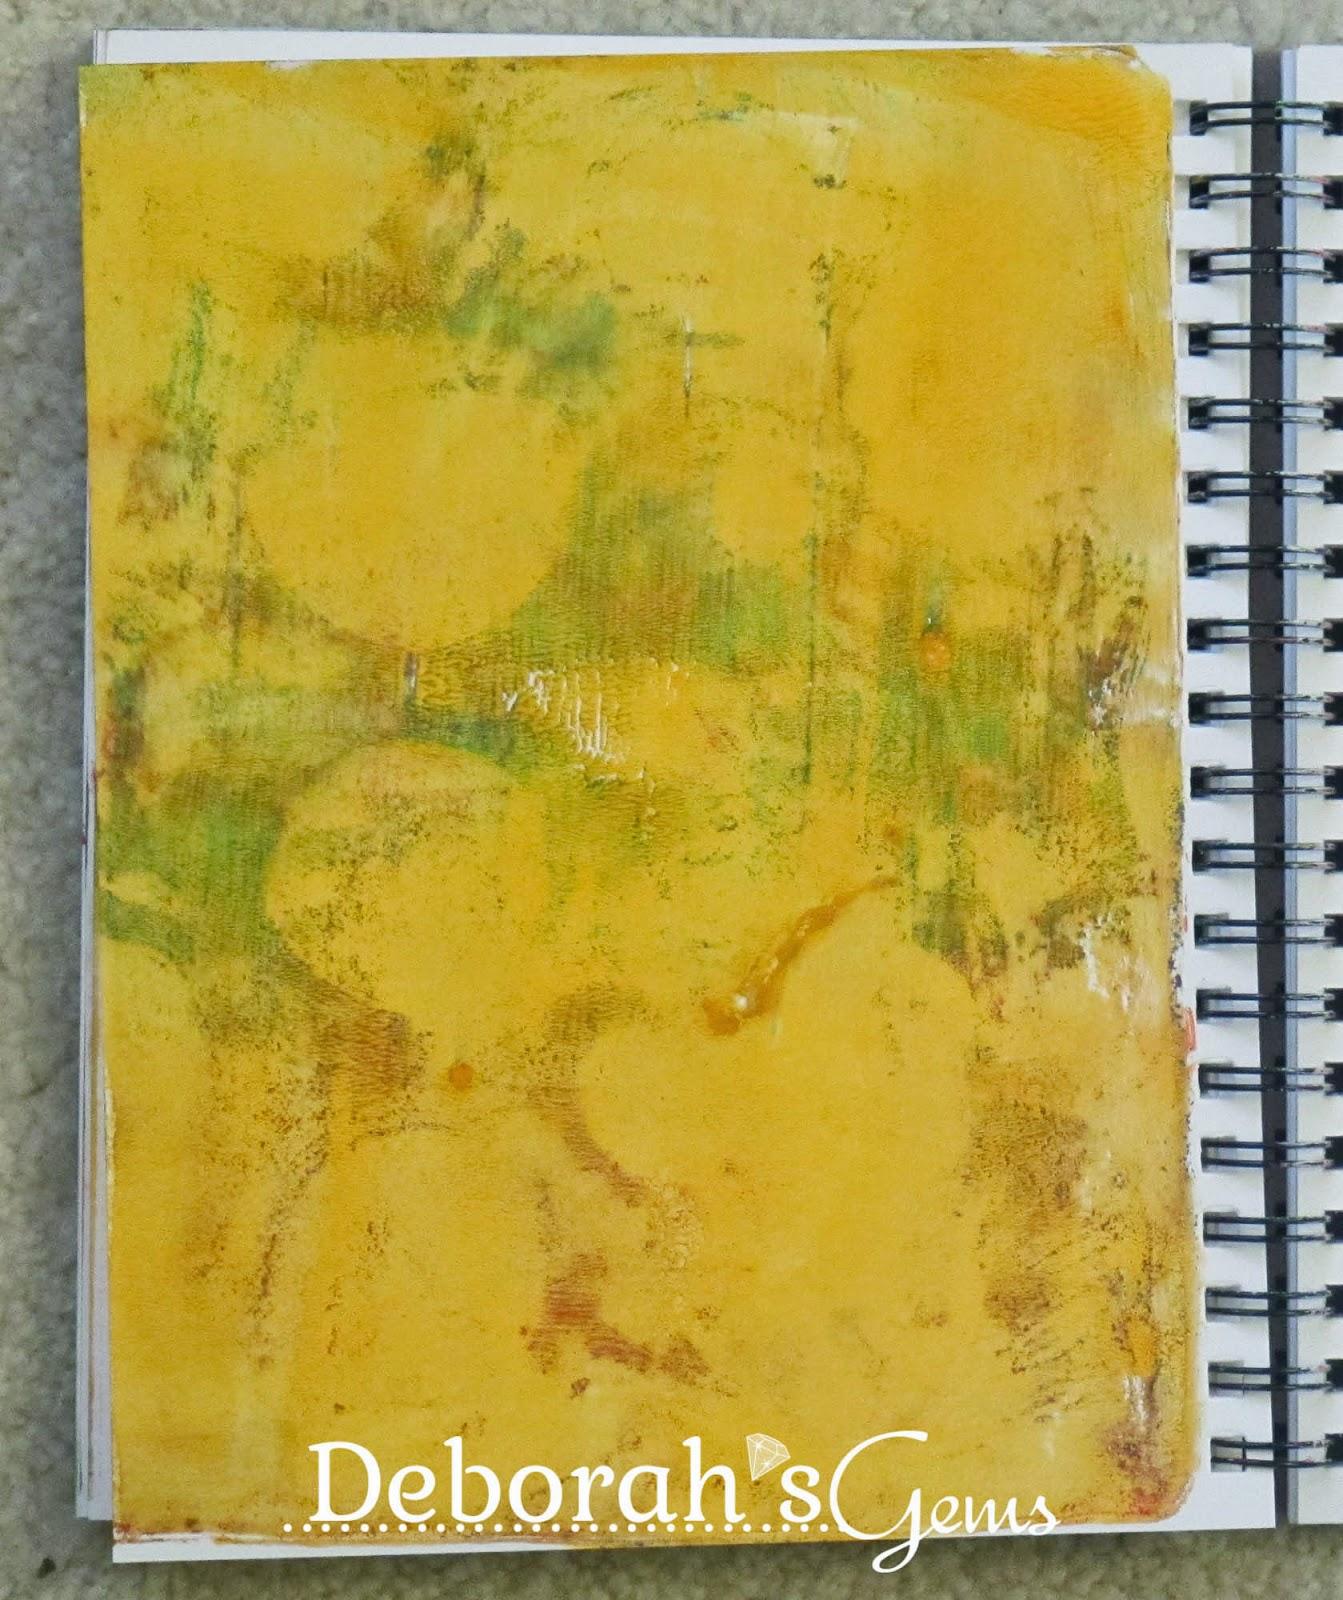 365 Journal 2 - photo by Deborah Frings - Deborah's Gems